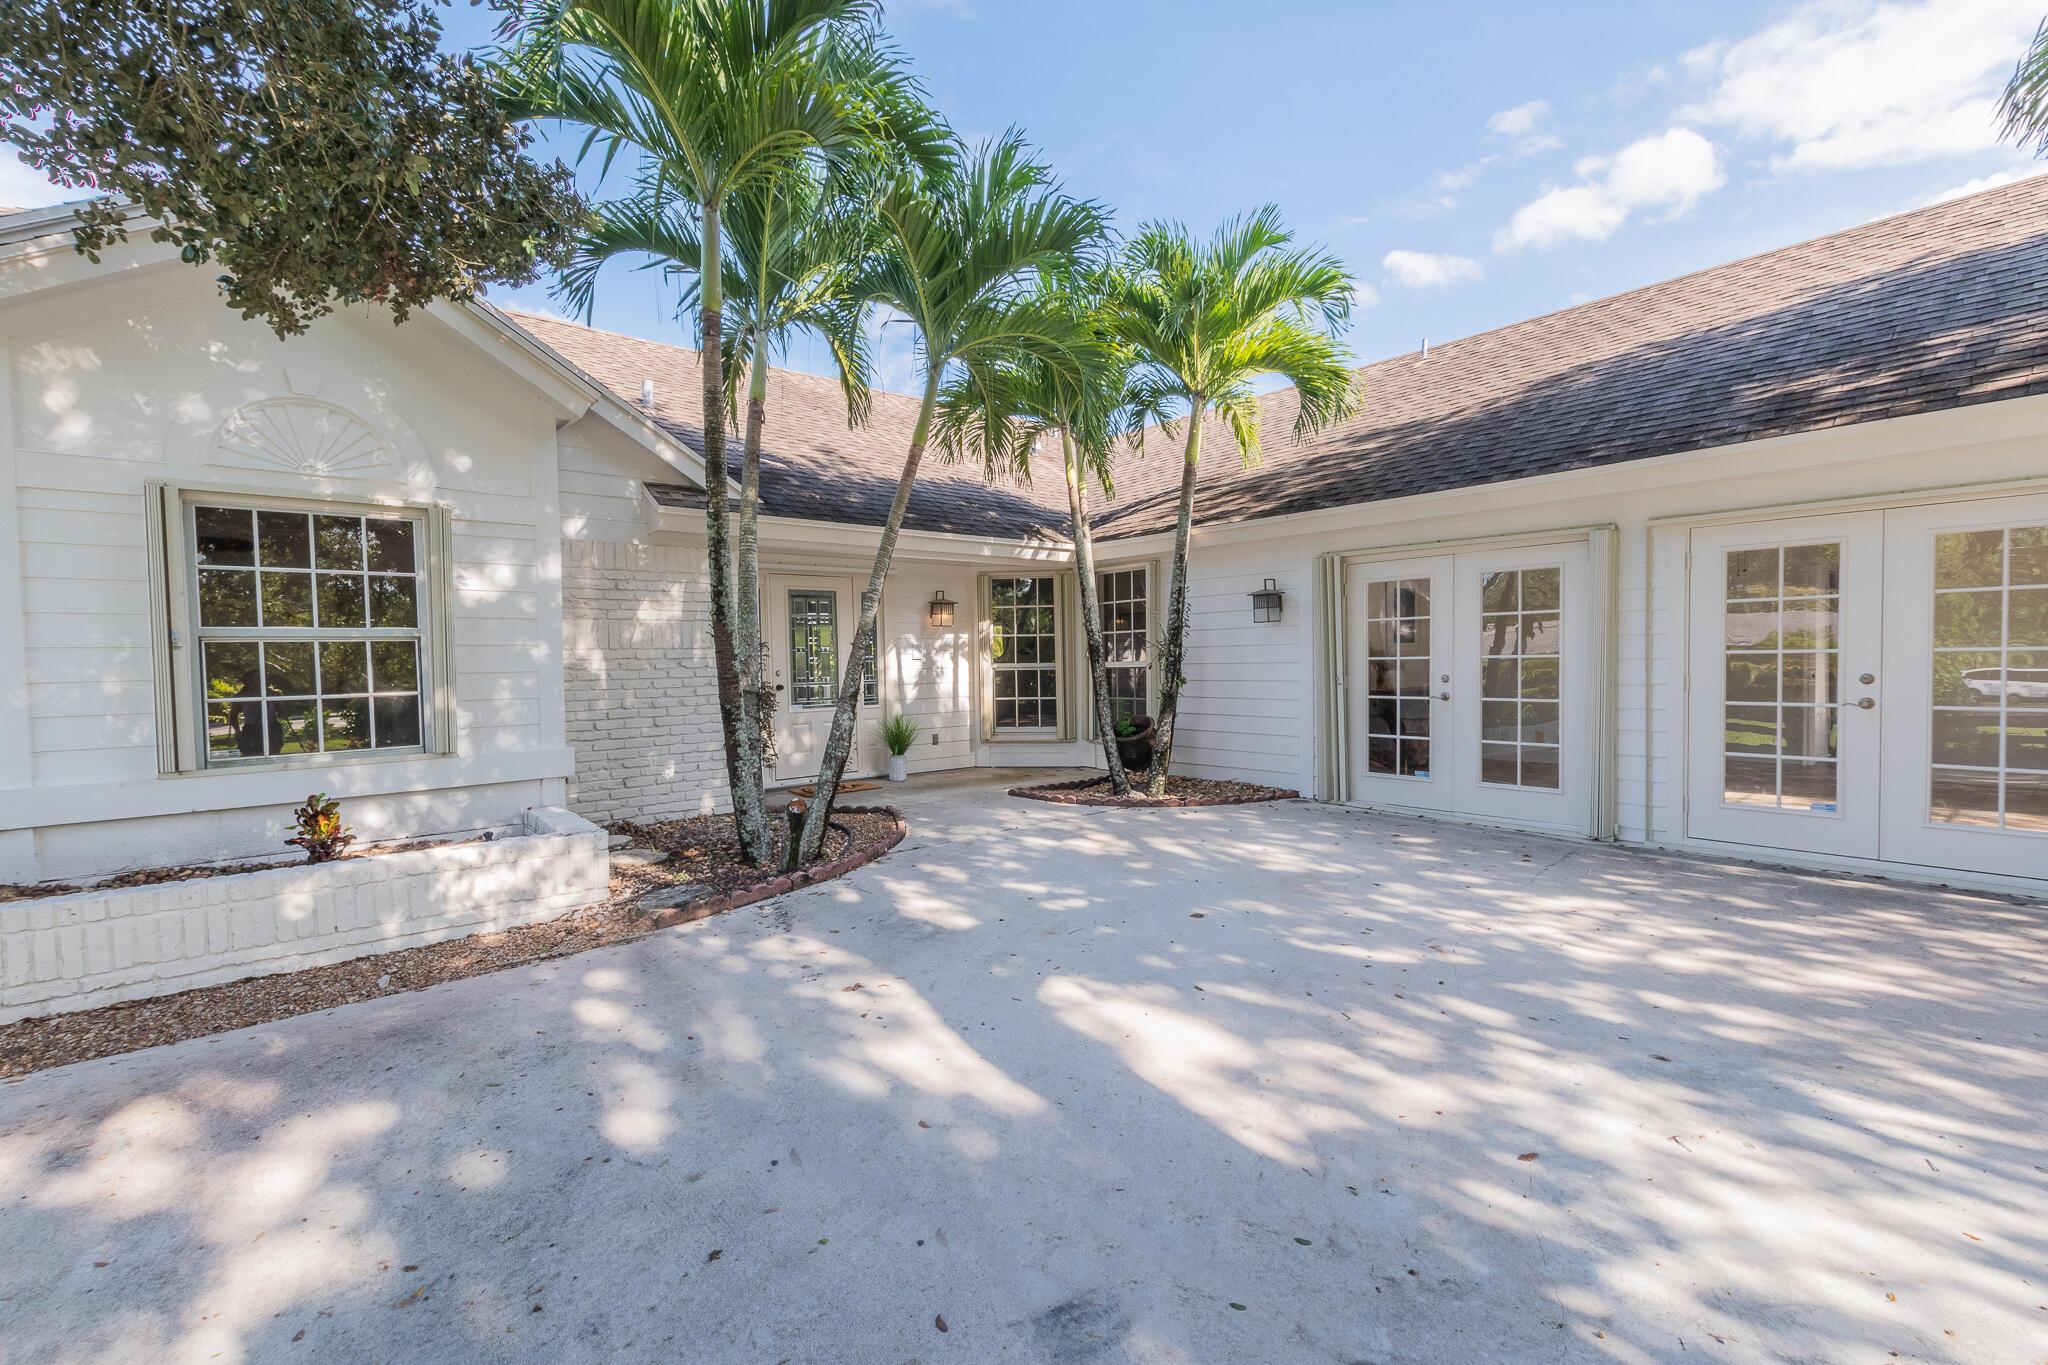 5890 Royal Palm Beach Boulevard, The Acreage, FL 33411